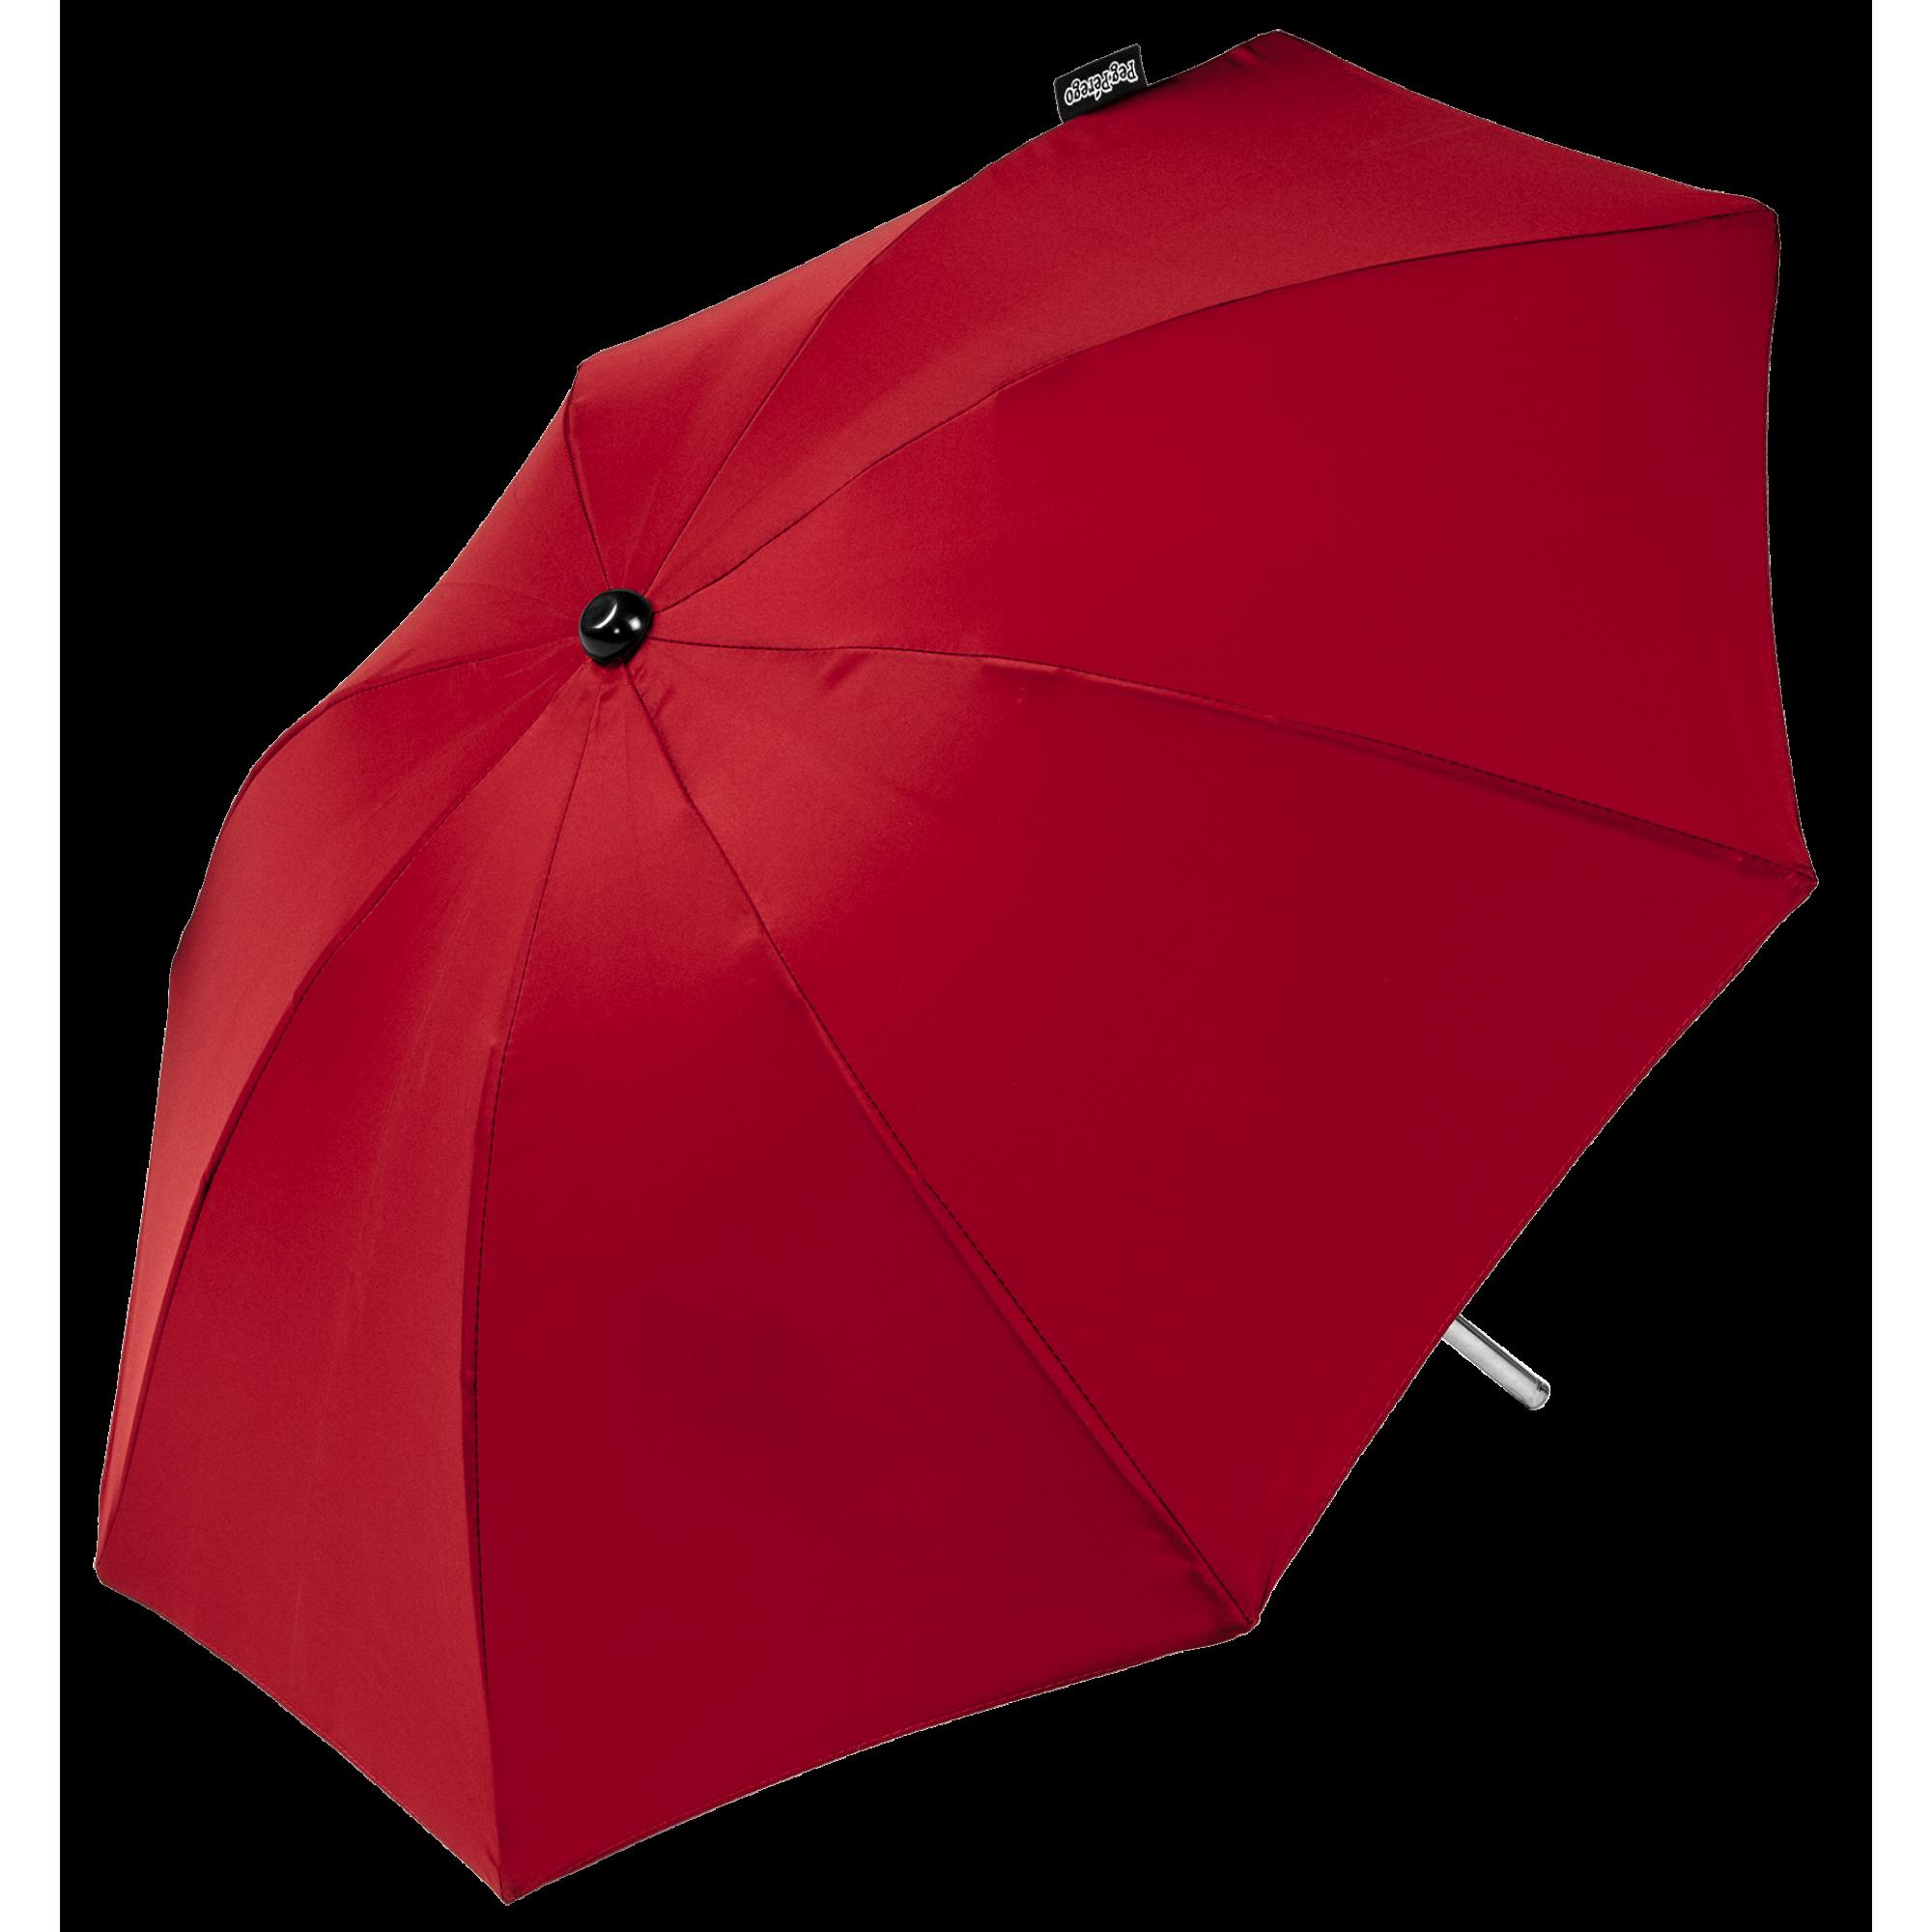 Umbrela, Peg Perego, Universala Red